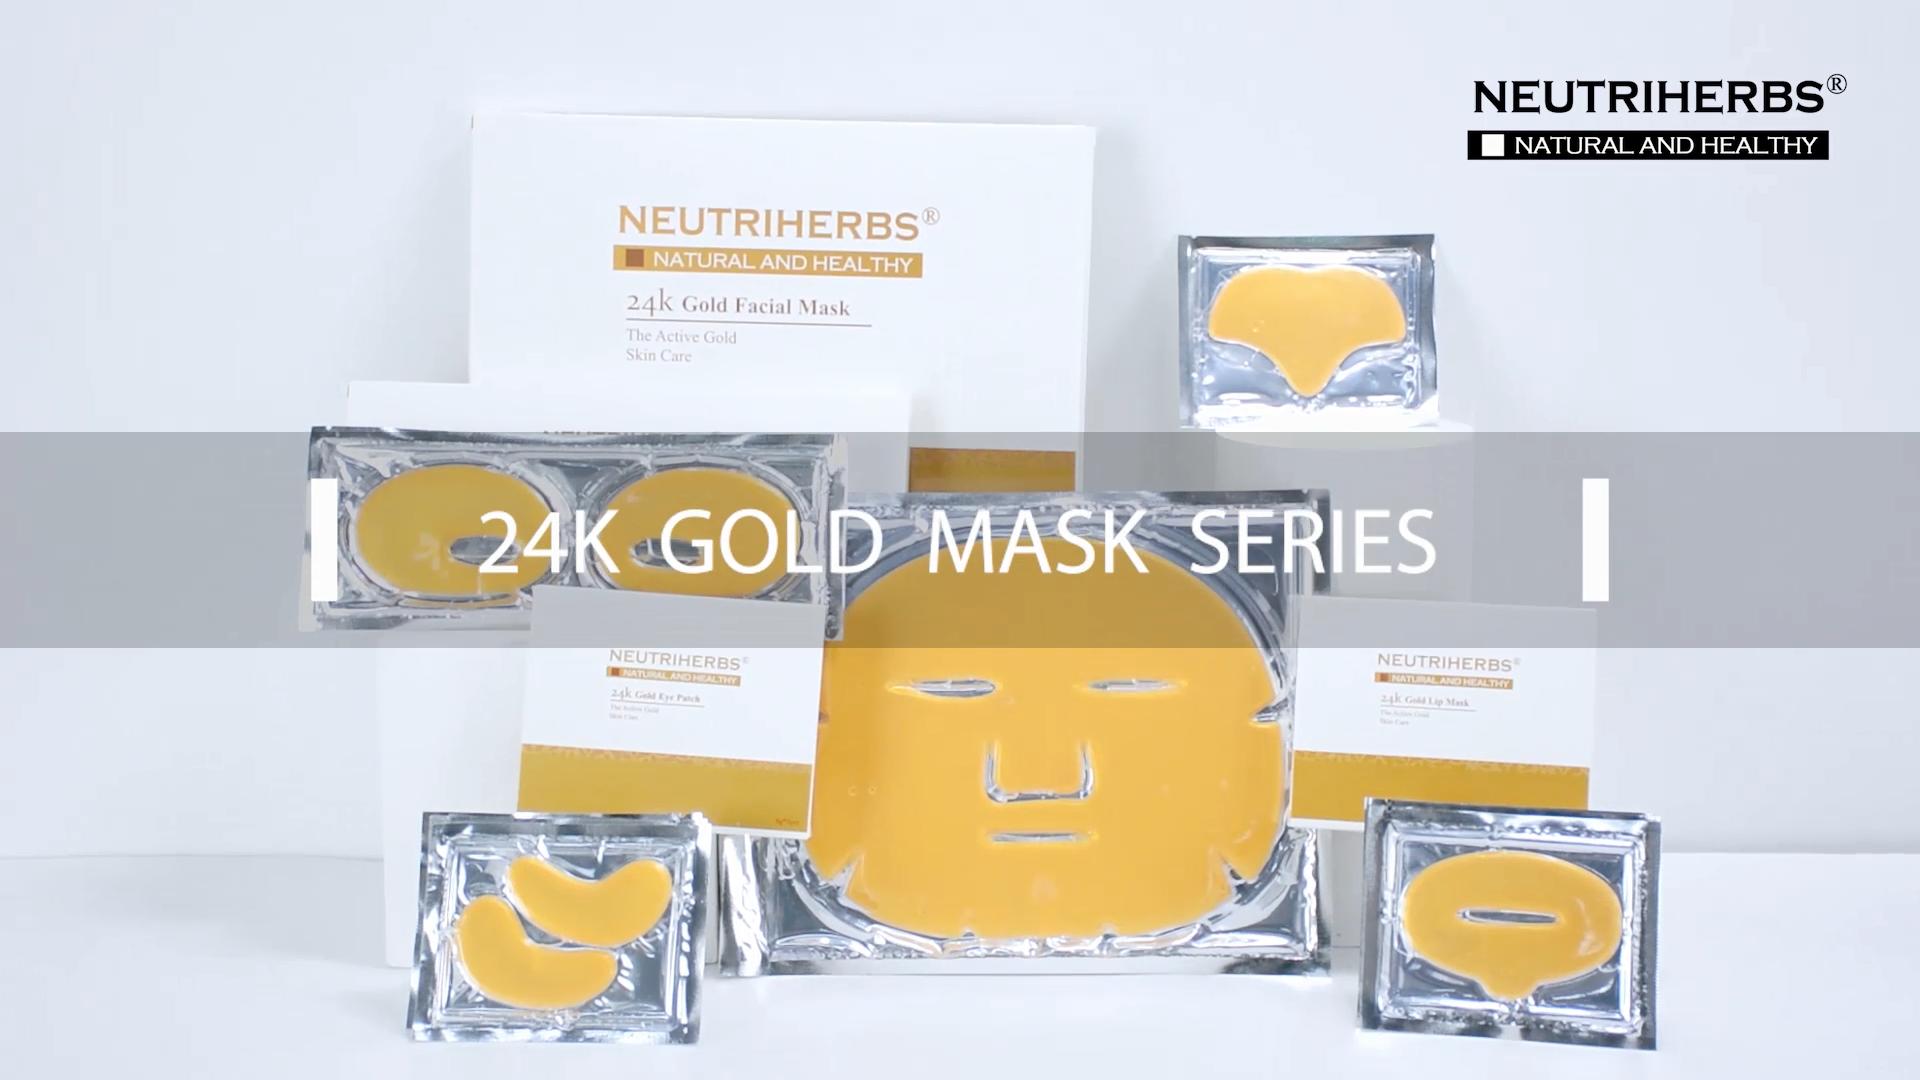 Кожа натуральный лицевой лист силиконовый Кристалл Private Label лицо коллаген 24 к Золотая маска